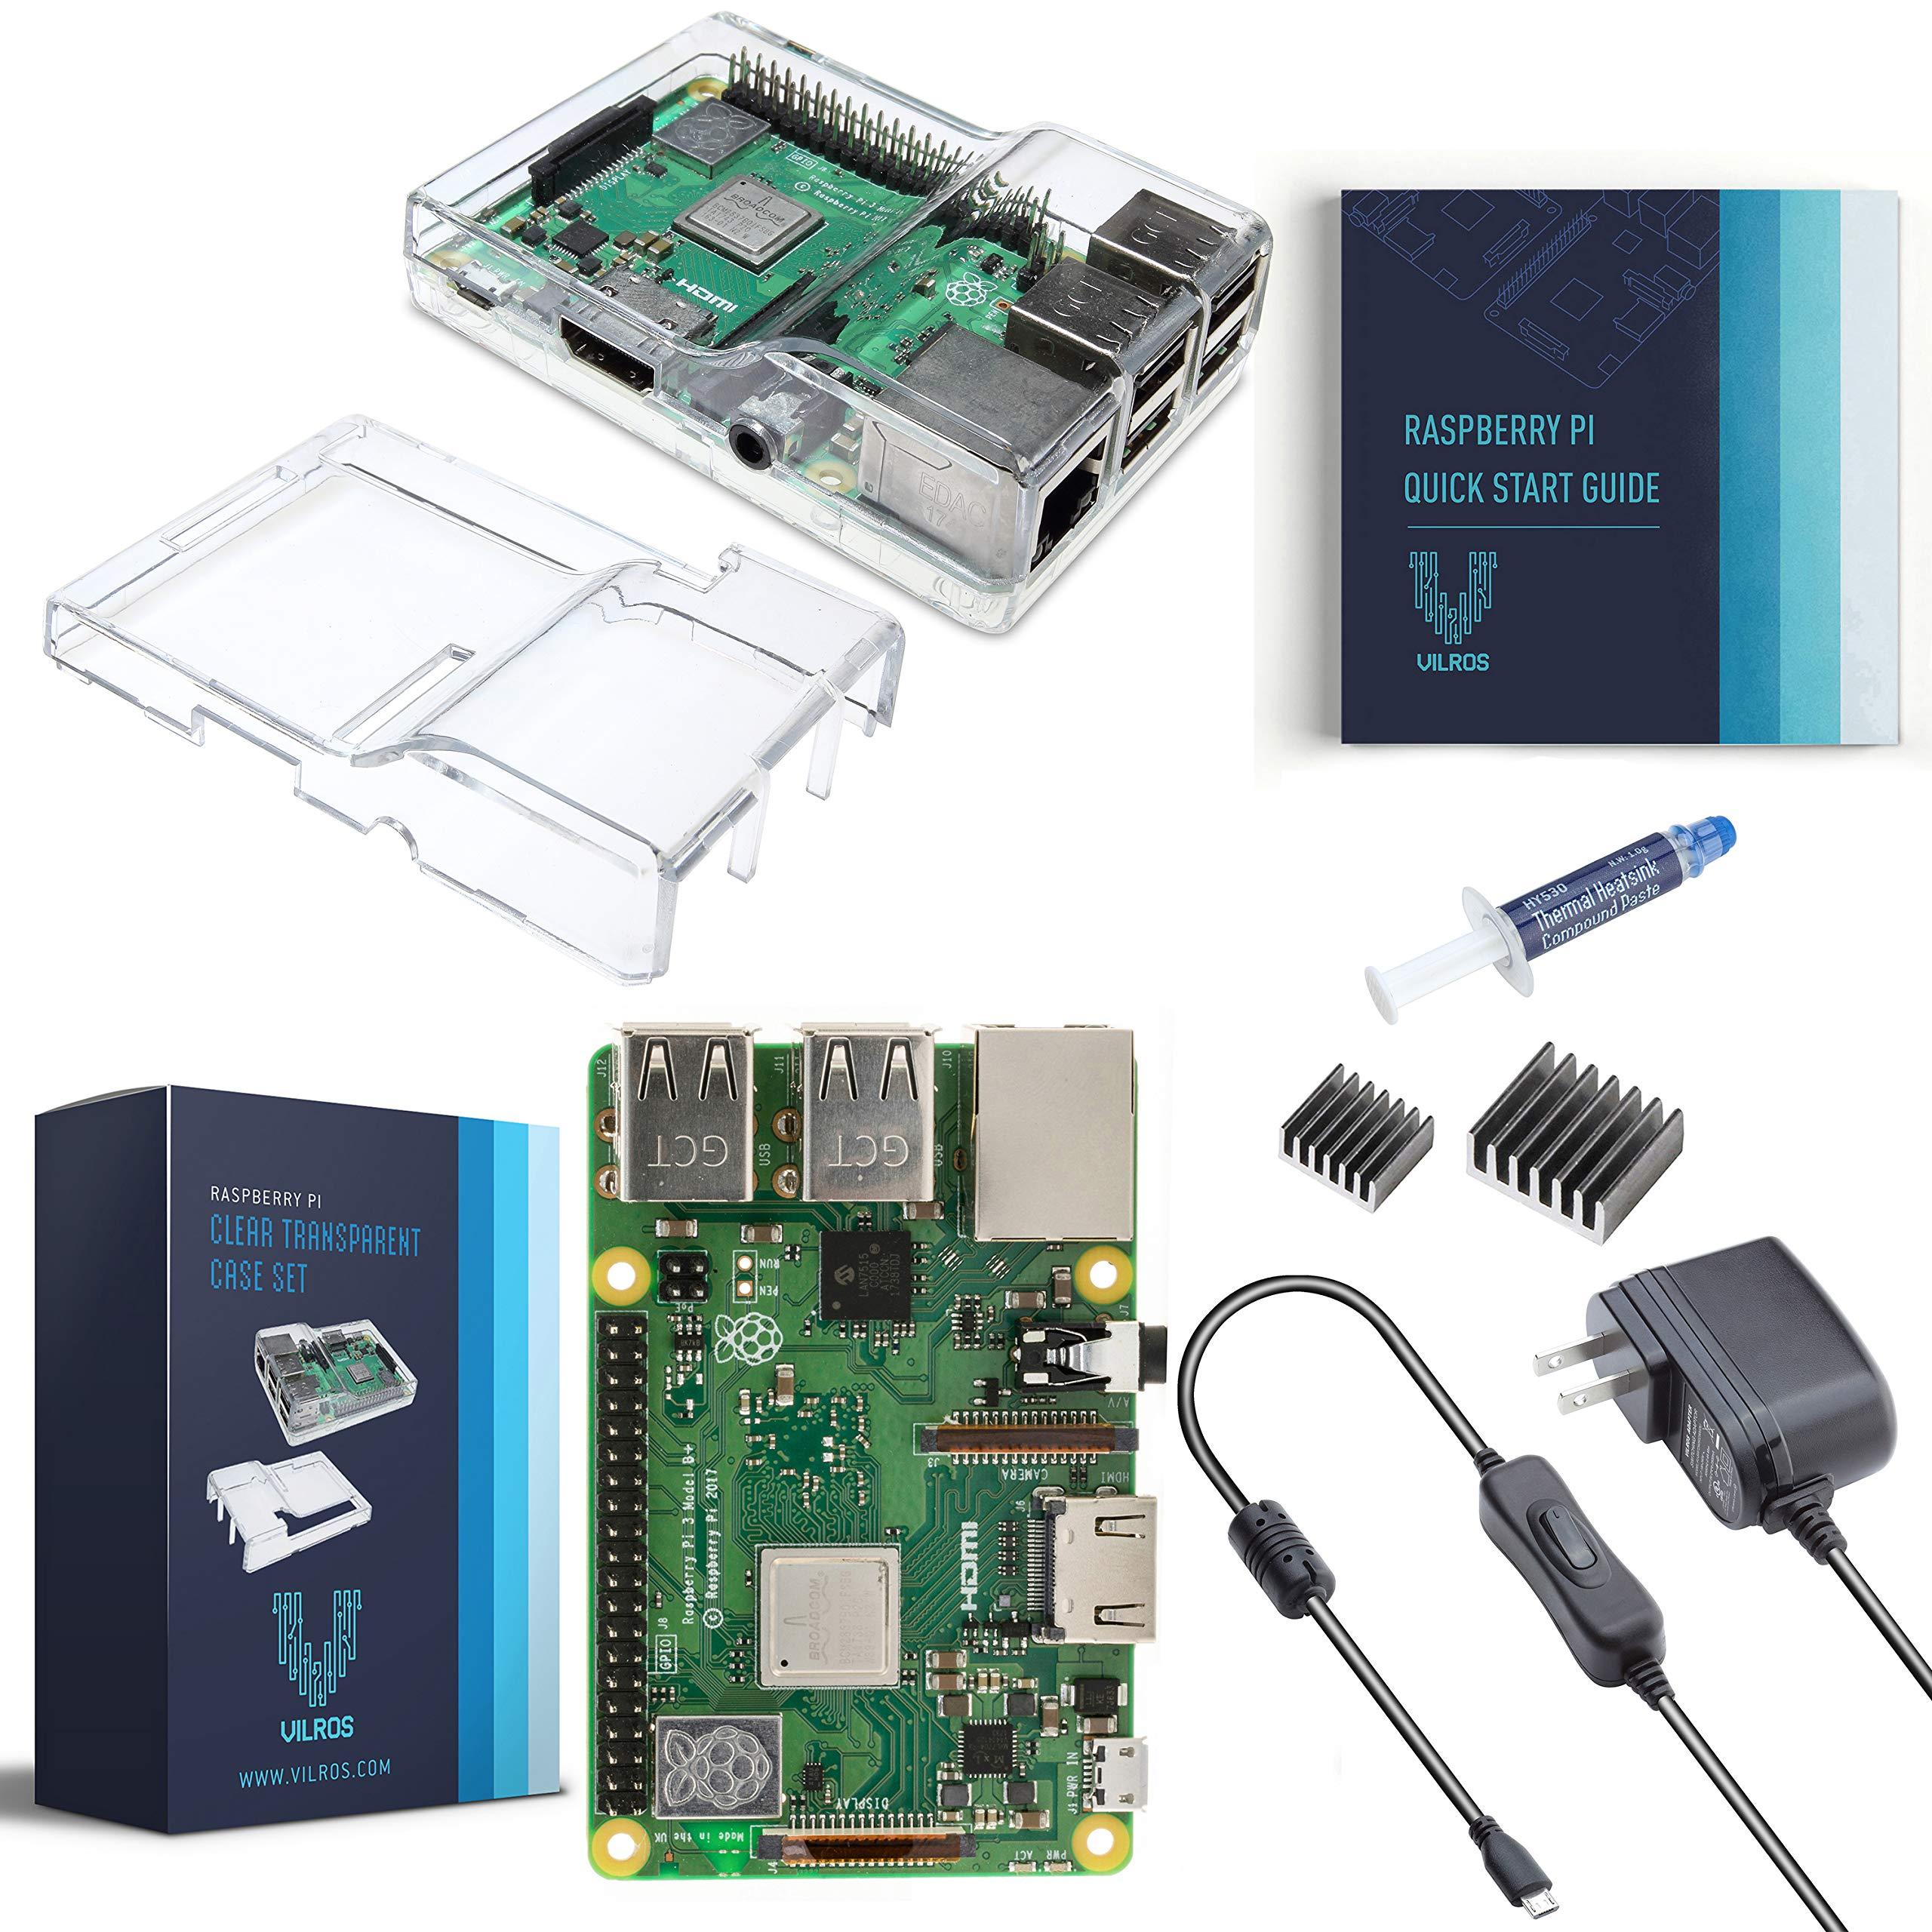 V-Kits Raspberry Pi 3 Model B+ (Plus) Basic Starter Kit [Latest Model 2018]